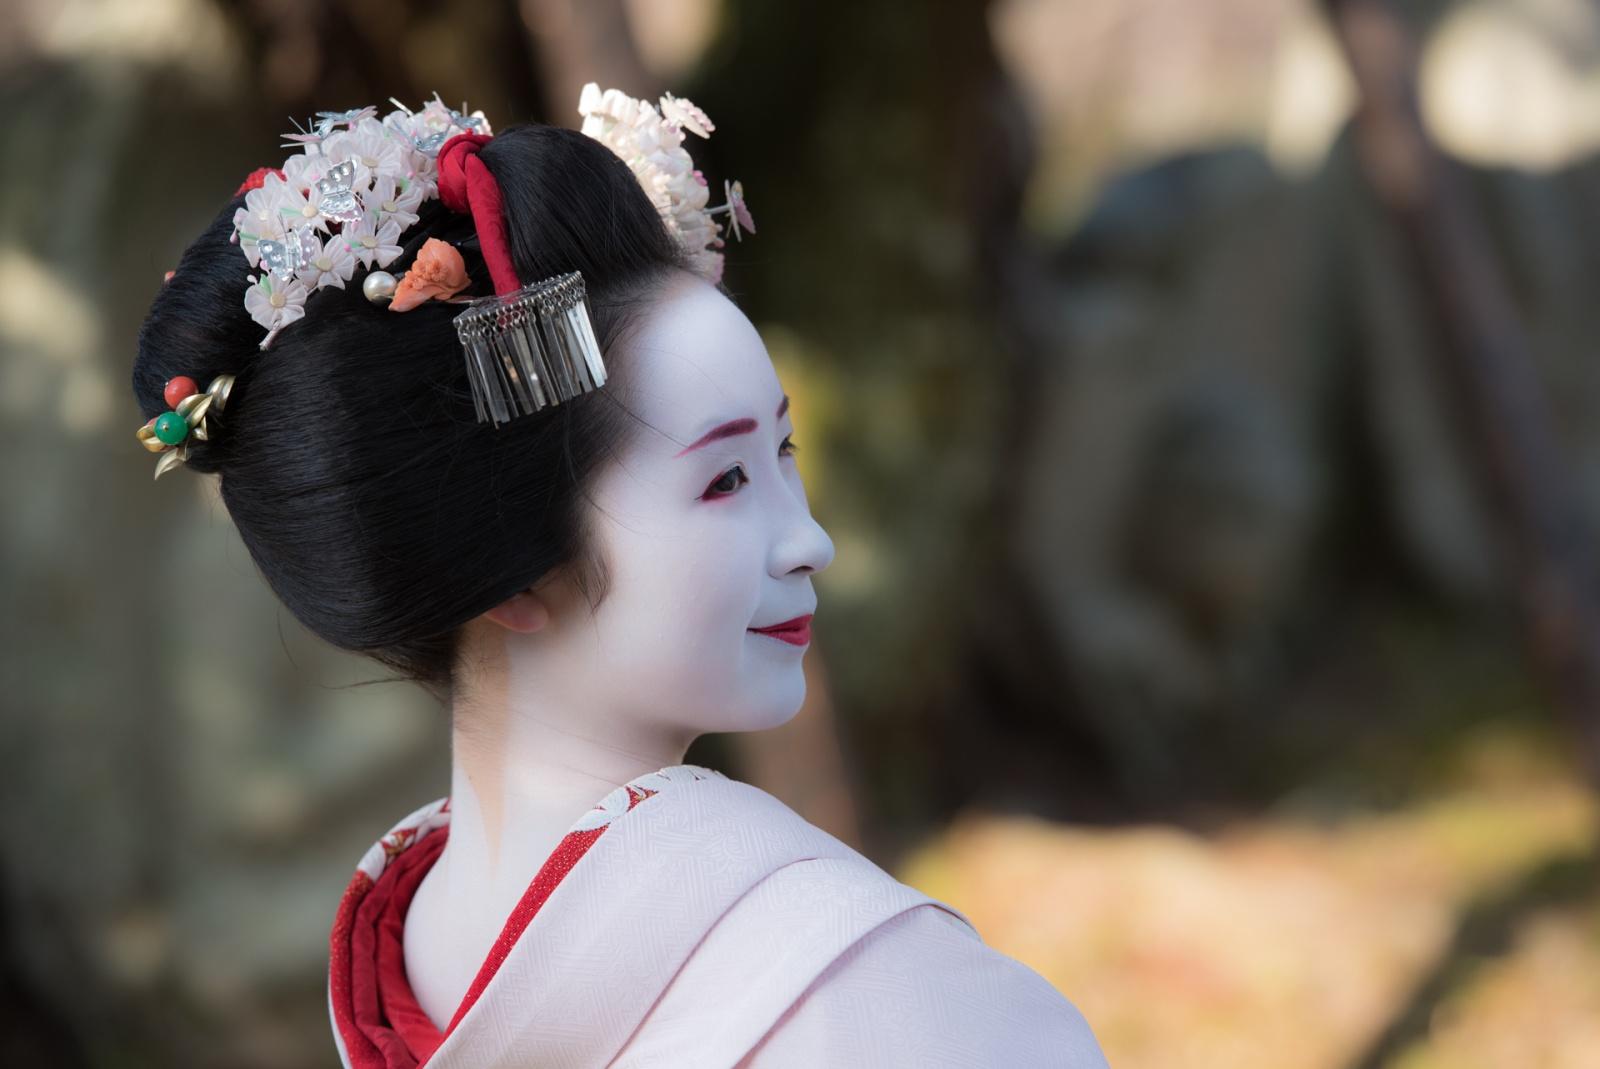 Ritratto della giovane maiko Kanohiro. © Fabrizio Bonifazi.